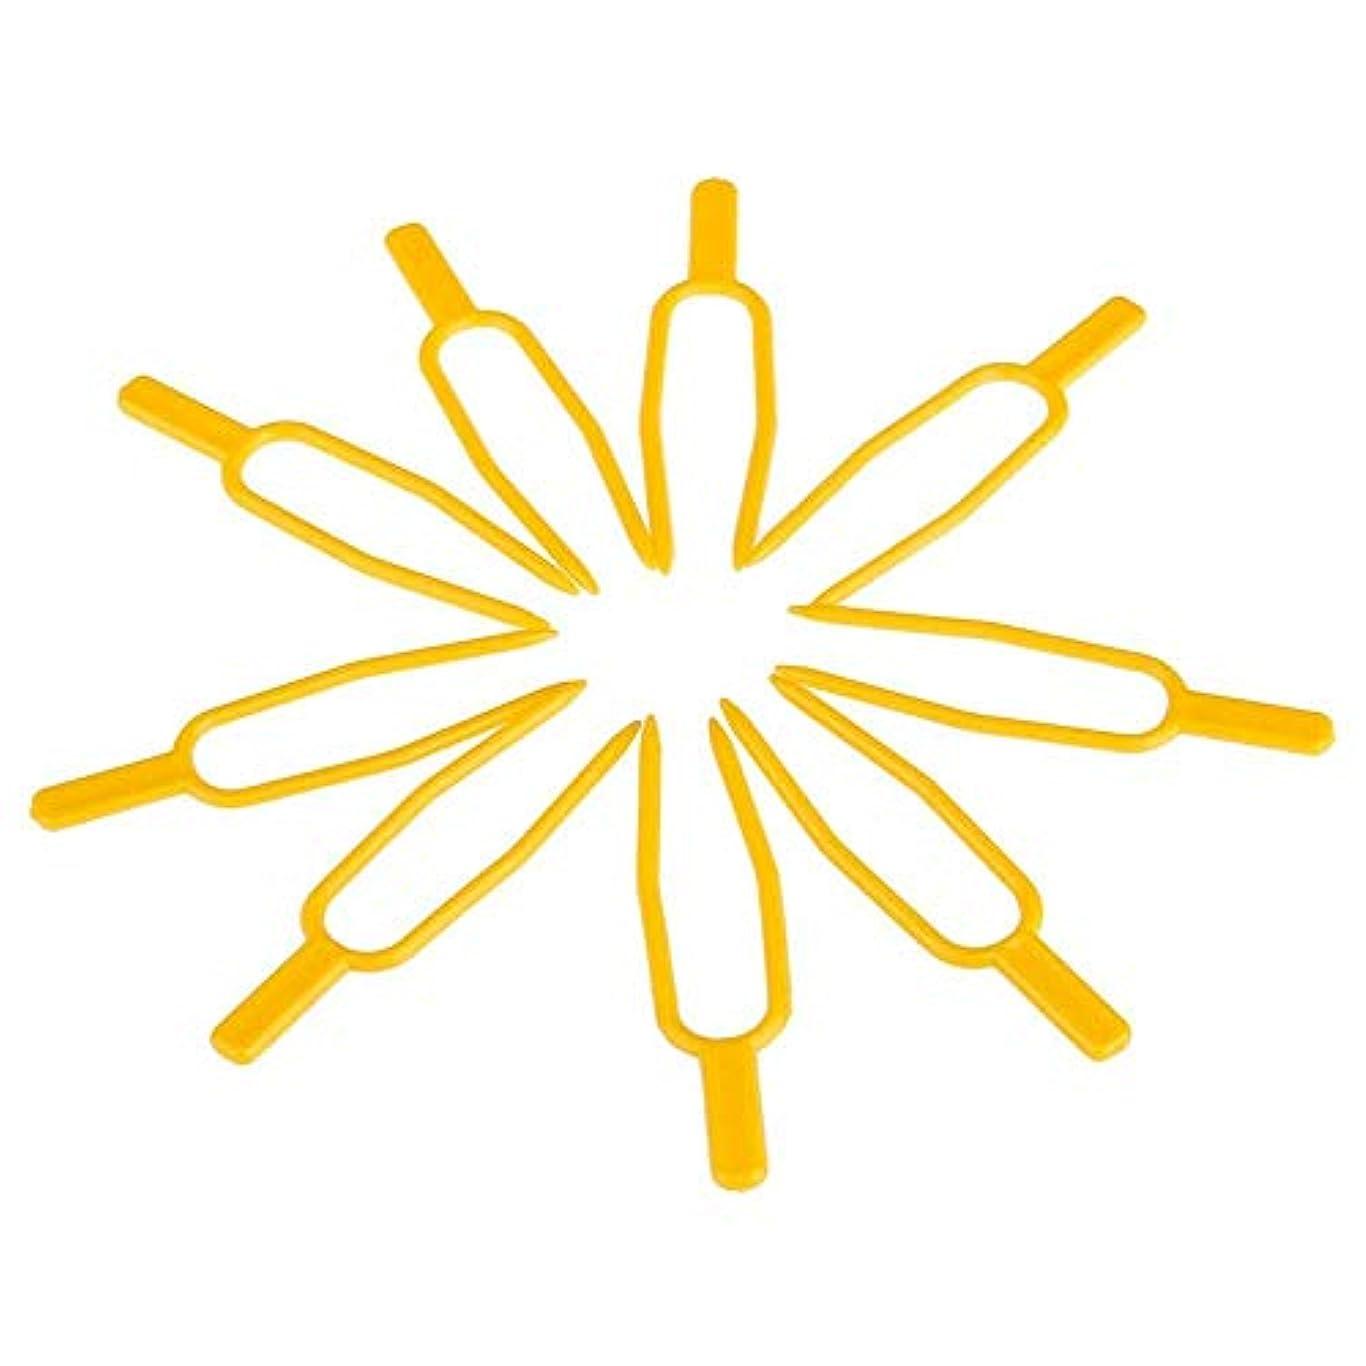 嬉しいです廊下チャネルchaselpod プラントクリップ イチゴフォーク 固定フォーク ガーデンツール DIY 工具 園芸用便利クリップ 100個入りセット